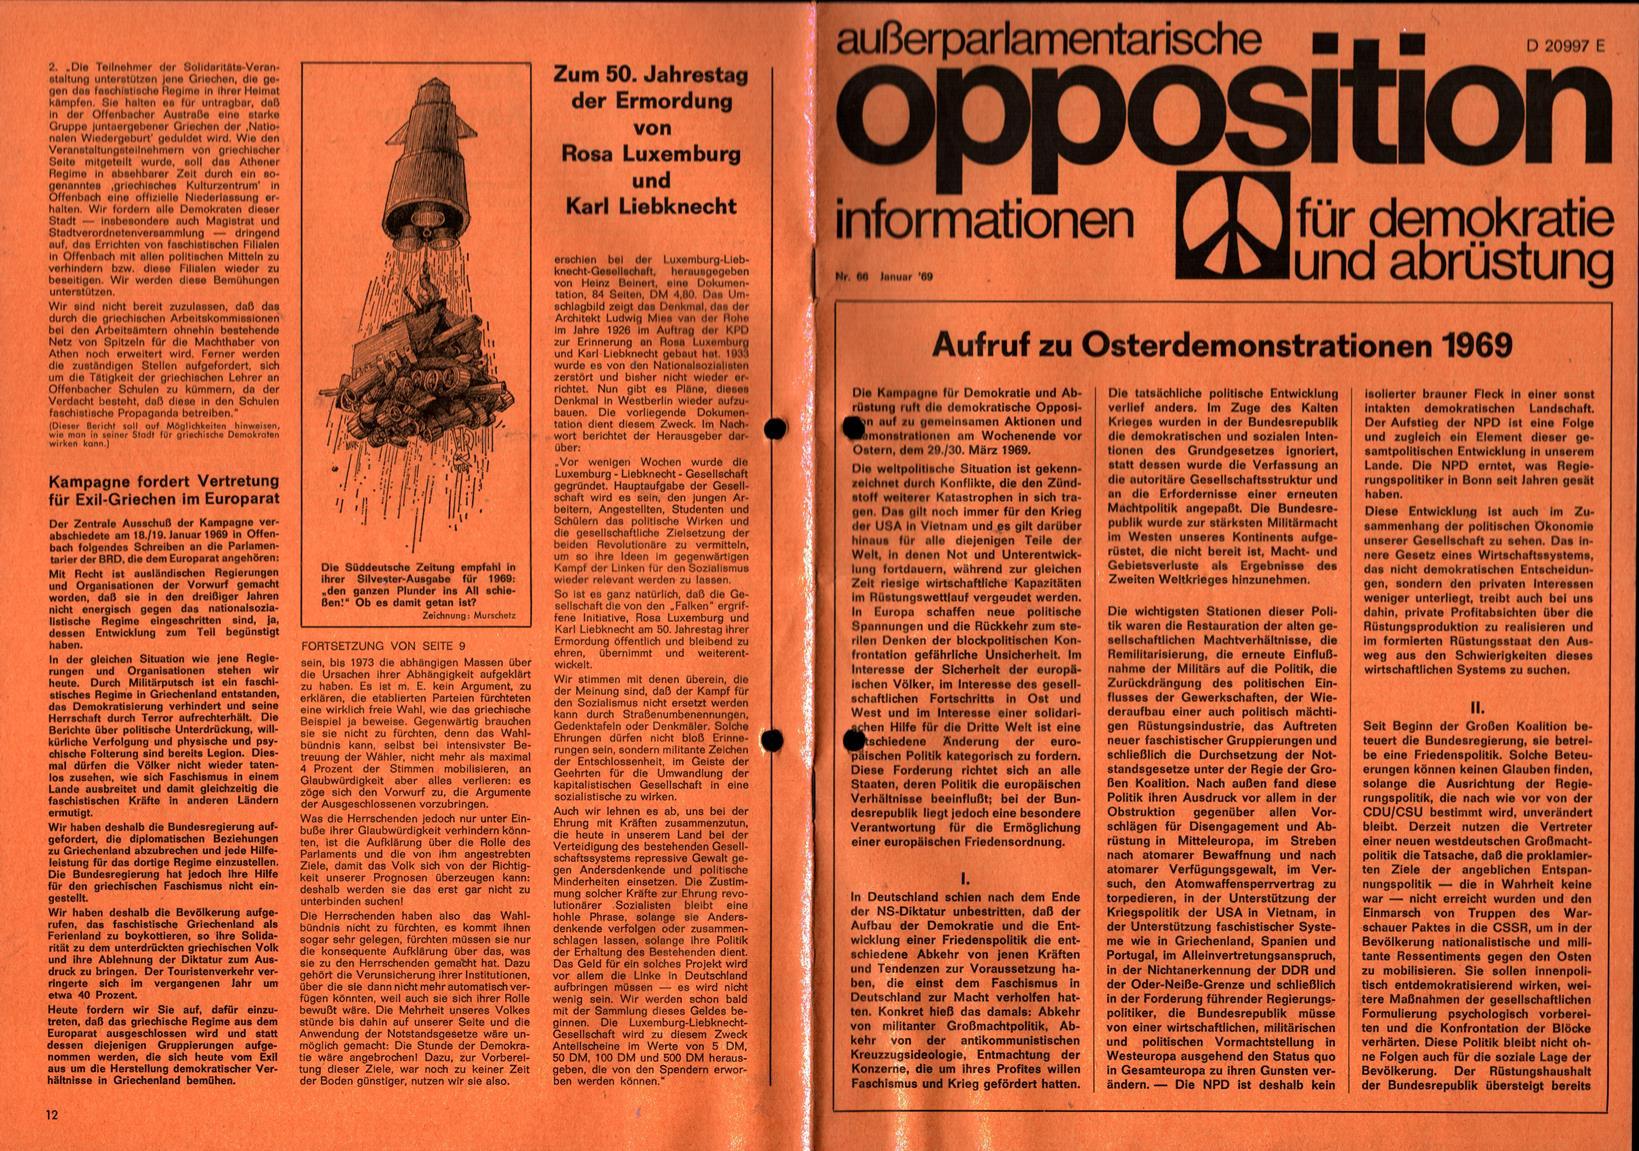 Infos_zur_Abruestung_1969_066_001